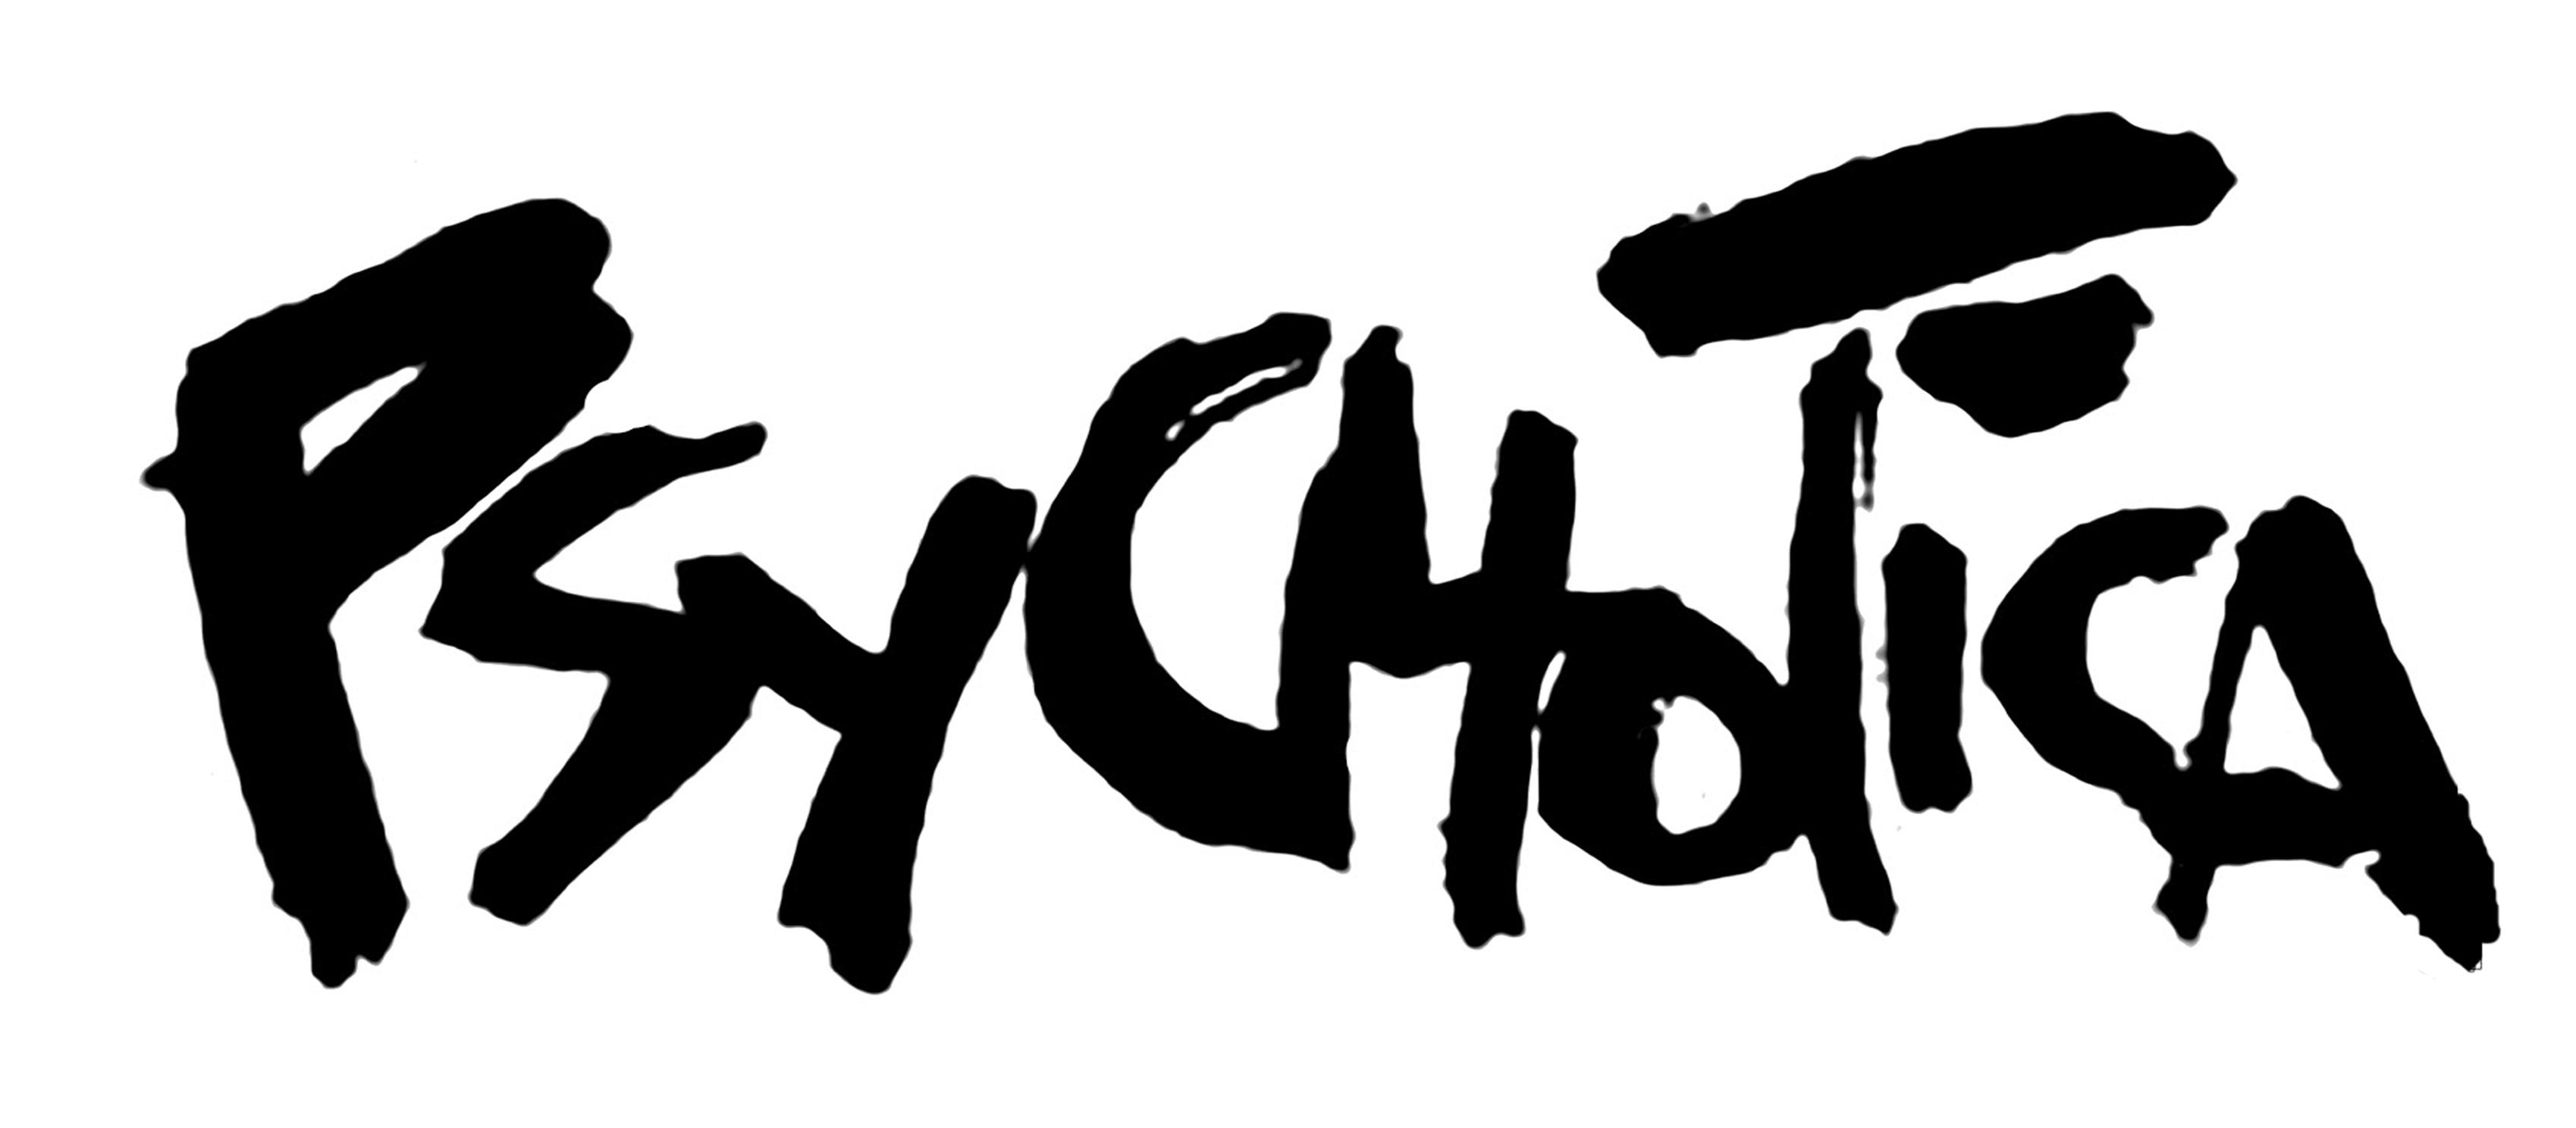 Psychotica Merchandise!